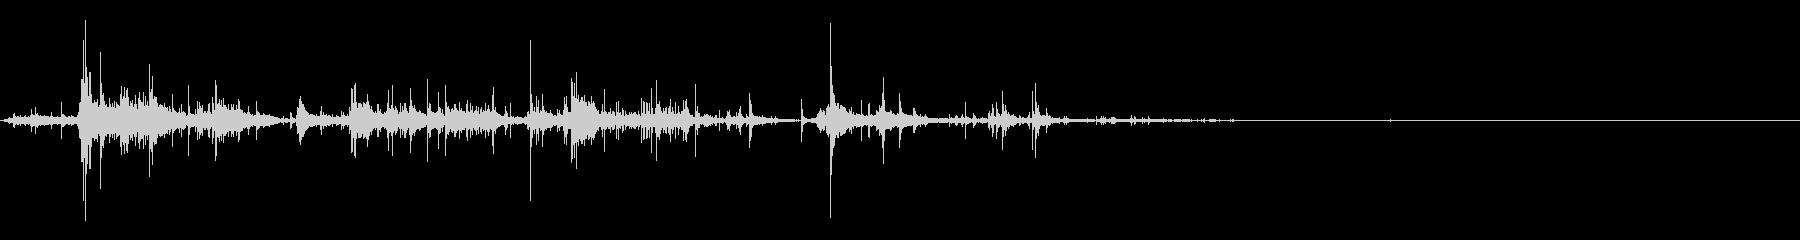 [生音]紙をクシャクシャにする05の未再生の波形